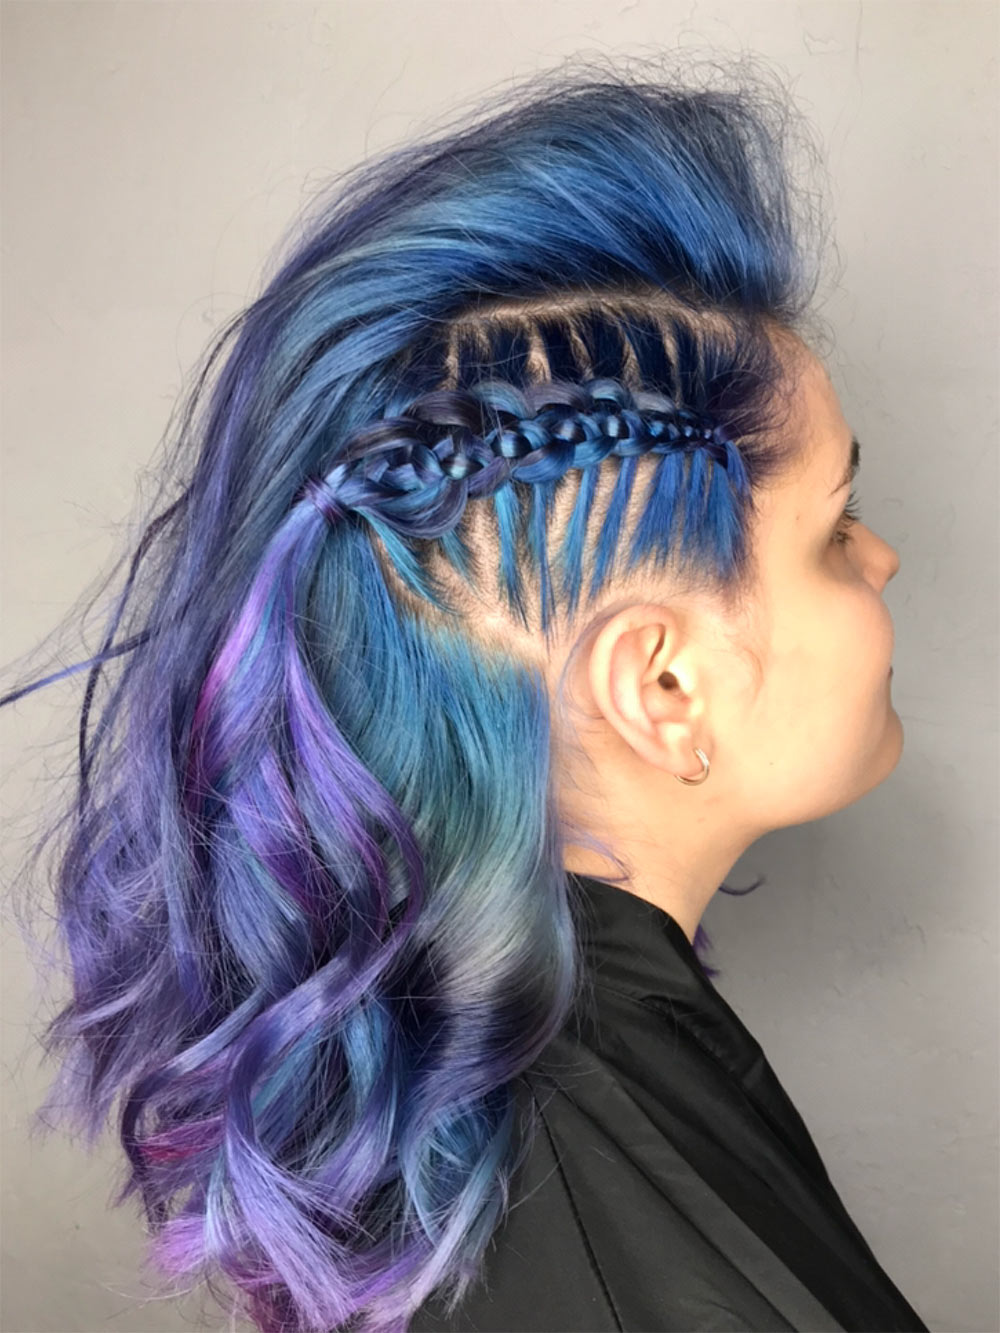 Потом ястала искать моделей сцветными волосами: нанихпрически выглядят привлекательнее